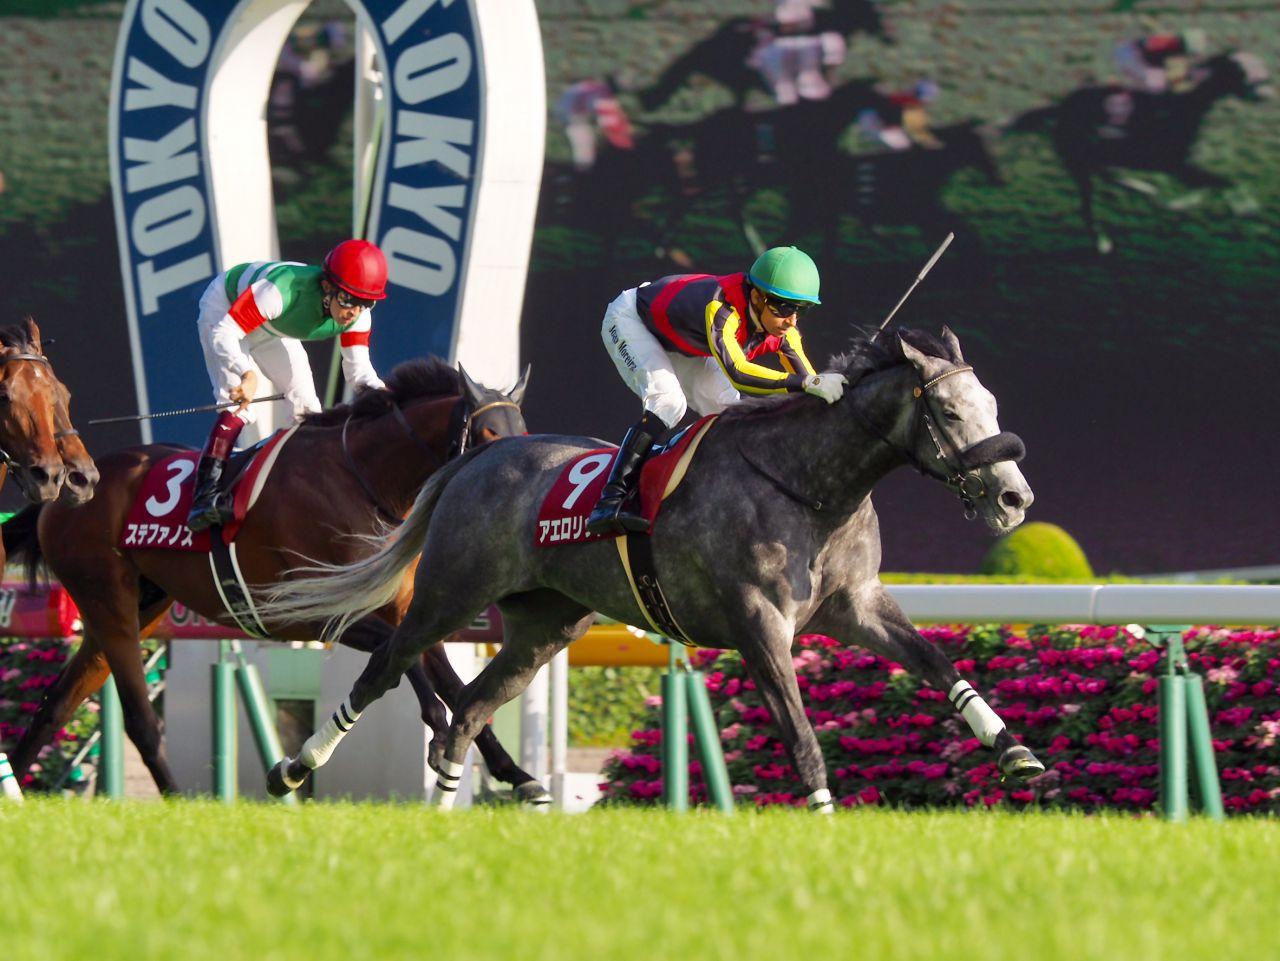 【ヴィクトリアマイル】アエロリット 菊沢師「東京は1番パフォーマンスが上がる」